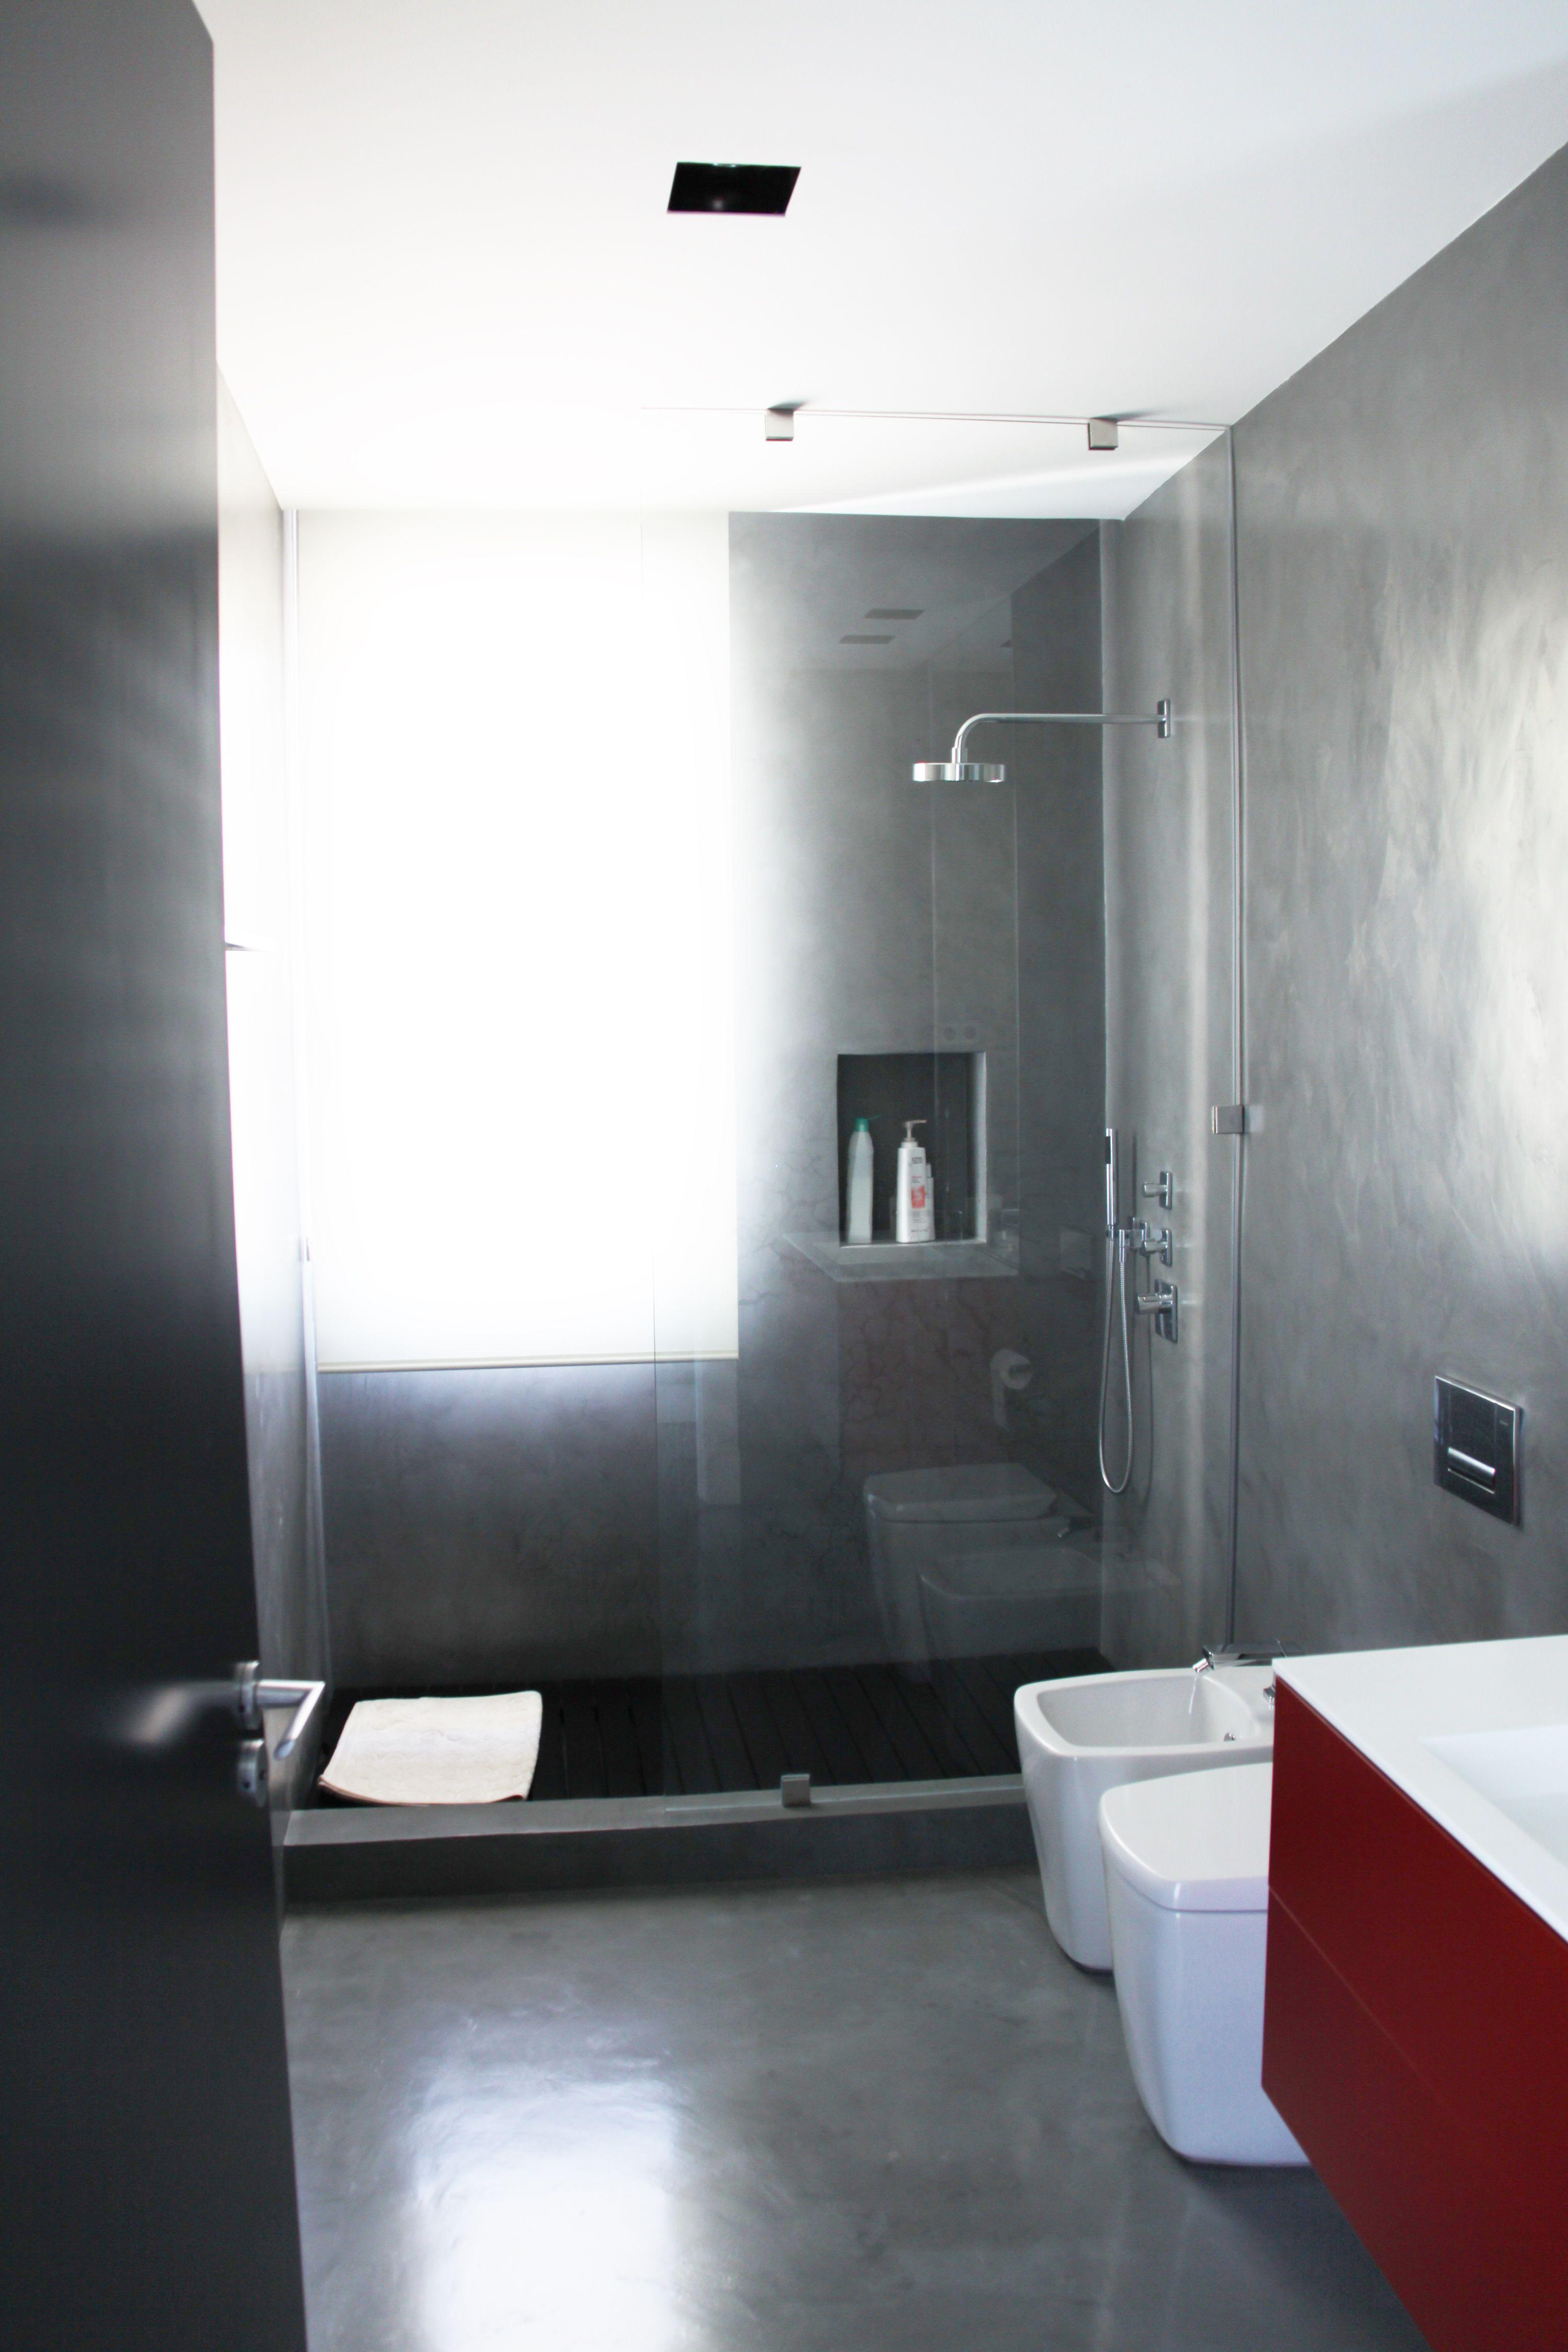 Microcemento en ba os peque os duchas de microcemento for Ideas decorativas para cocinas pequenas